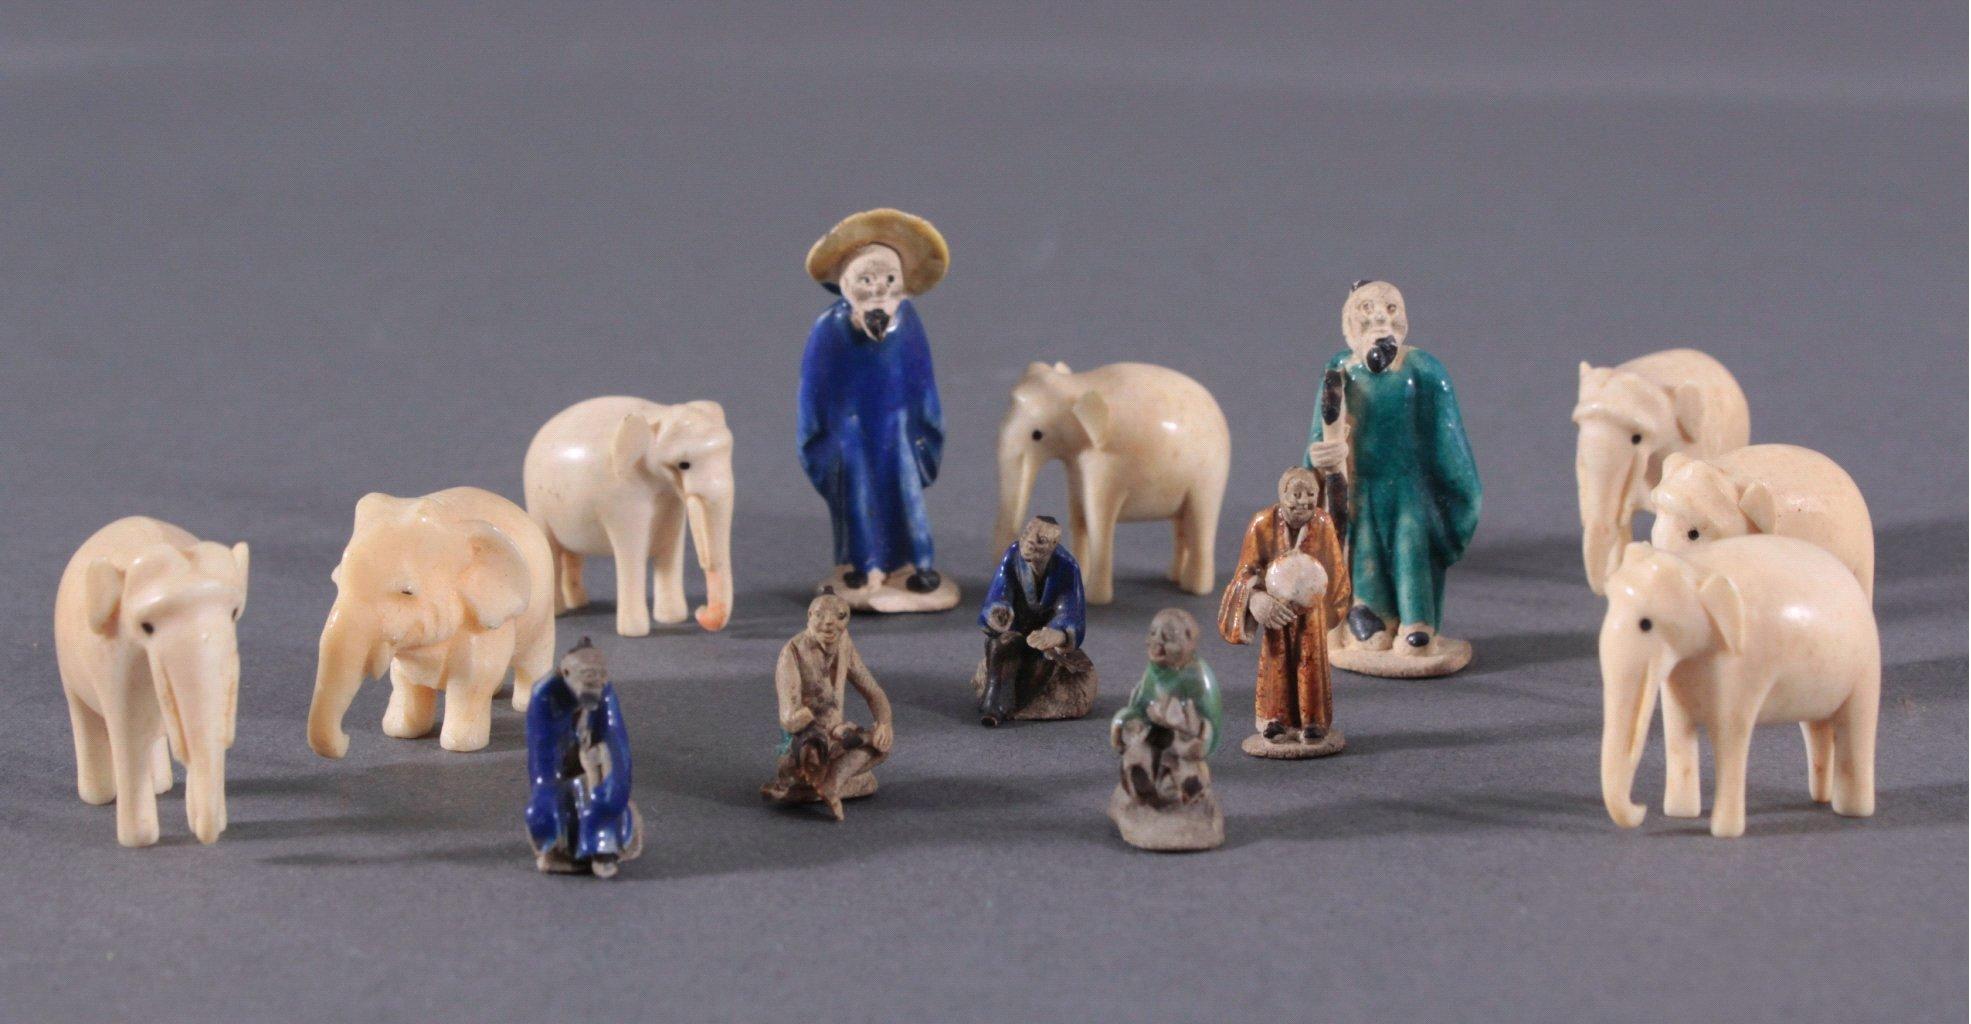 Vierzehn Asiatische Miniatur-Figurenplastiken